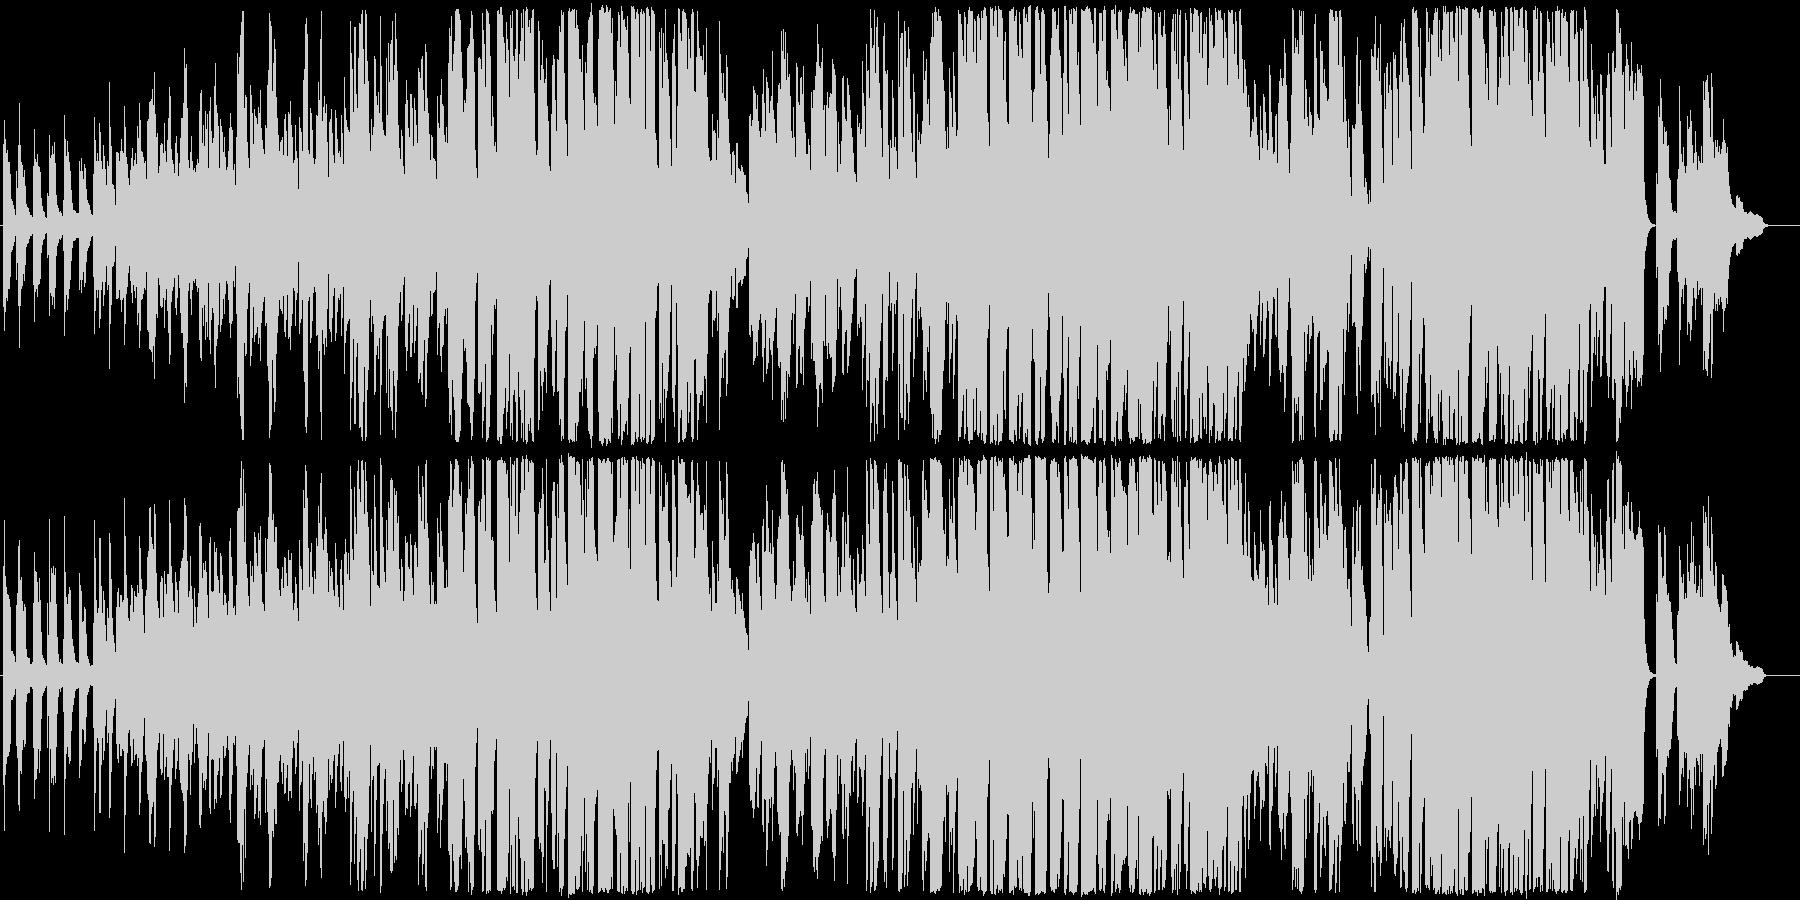 ピアノ弾き語りの切なく悲しい歌【生演奏】の未再生の波形